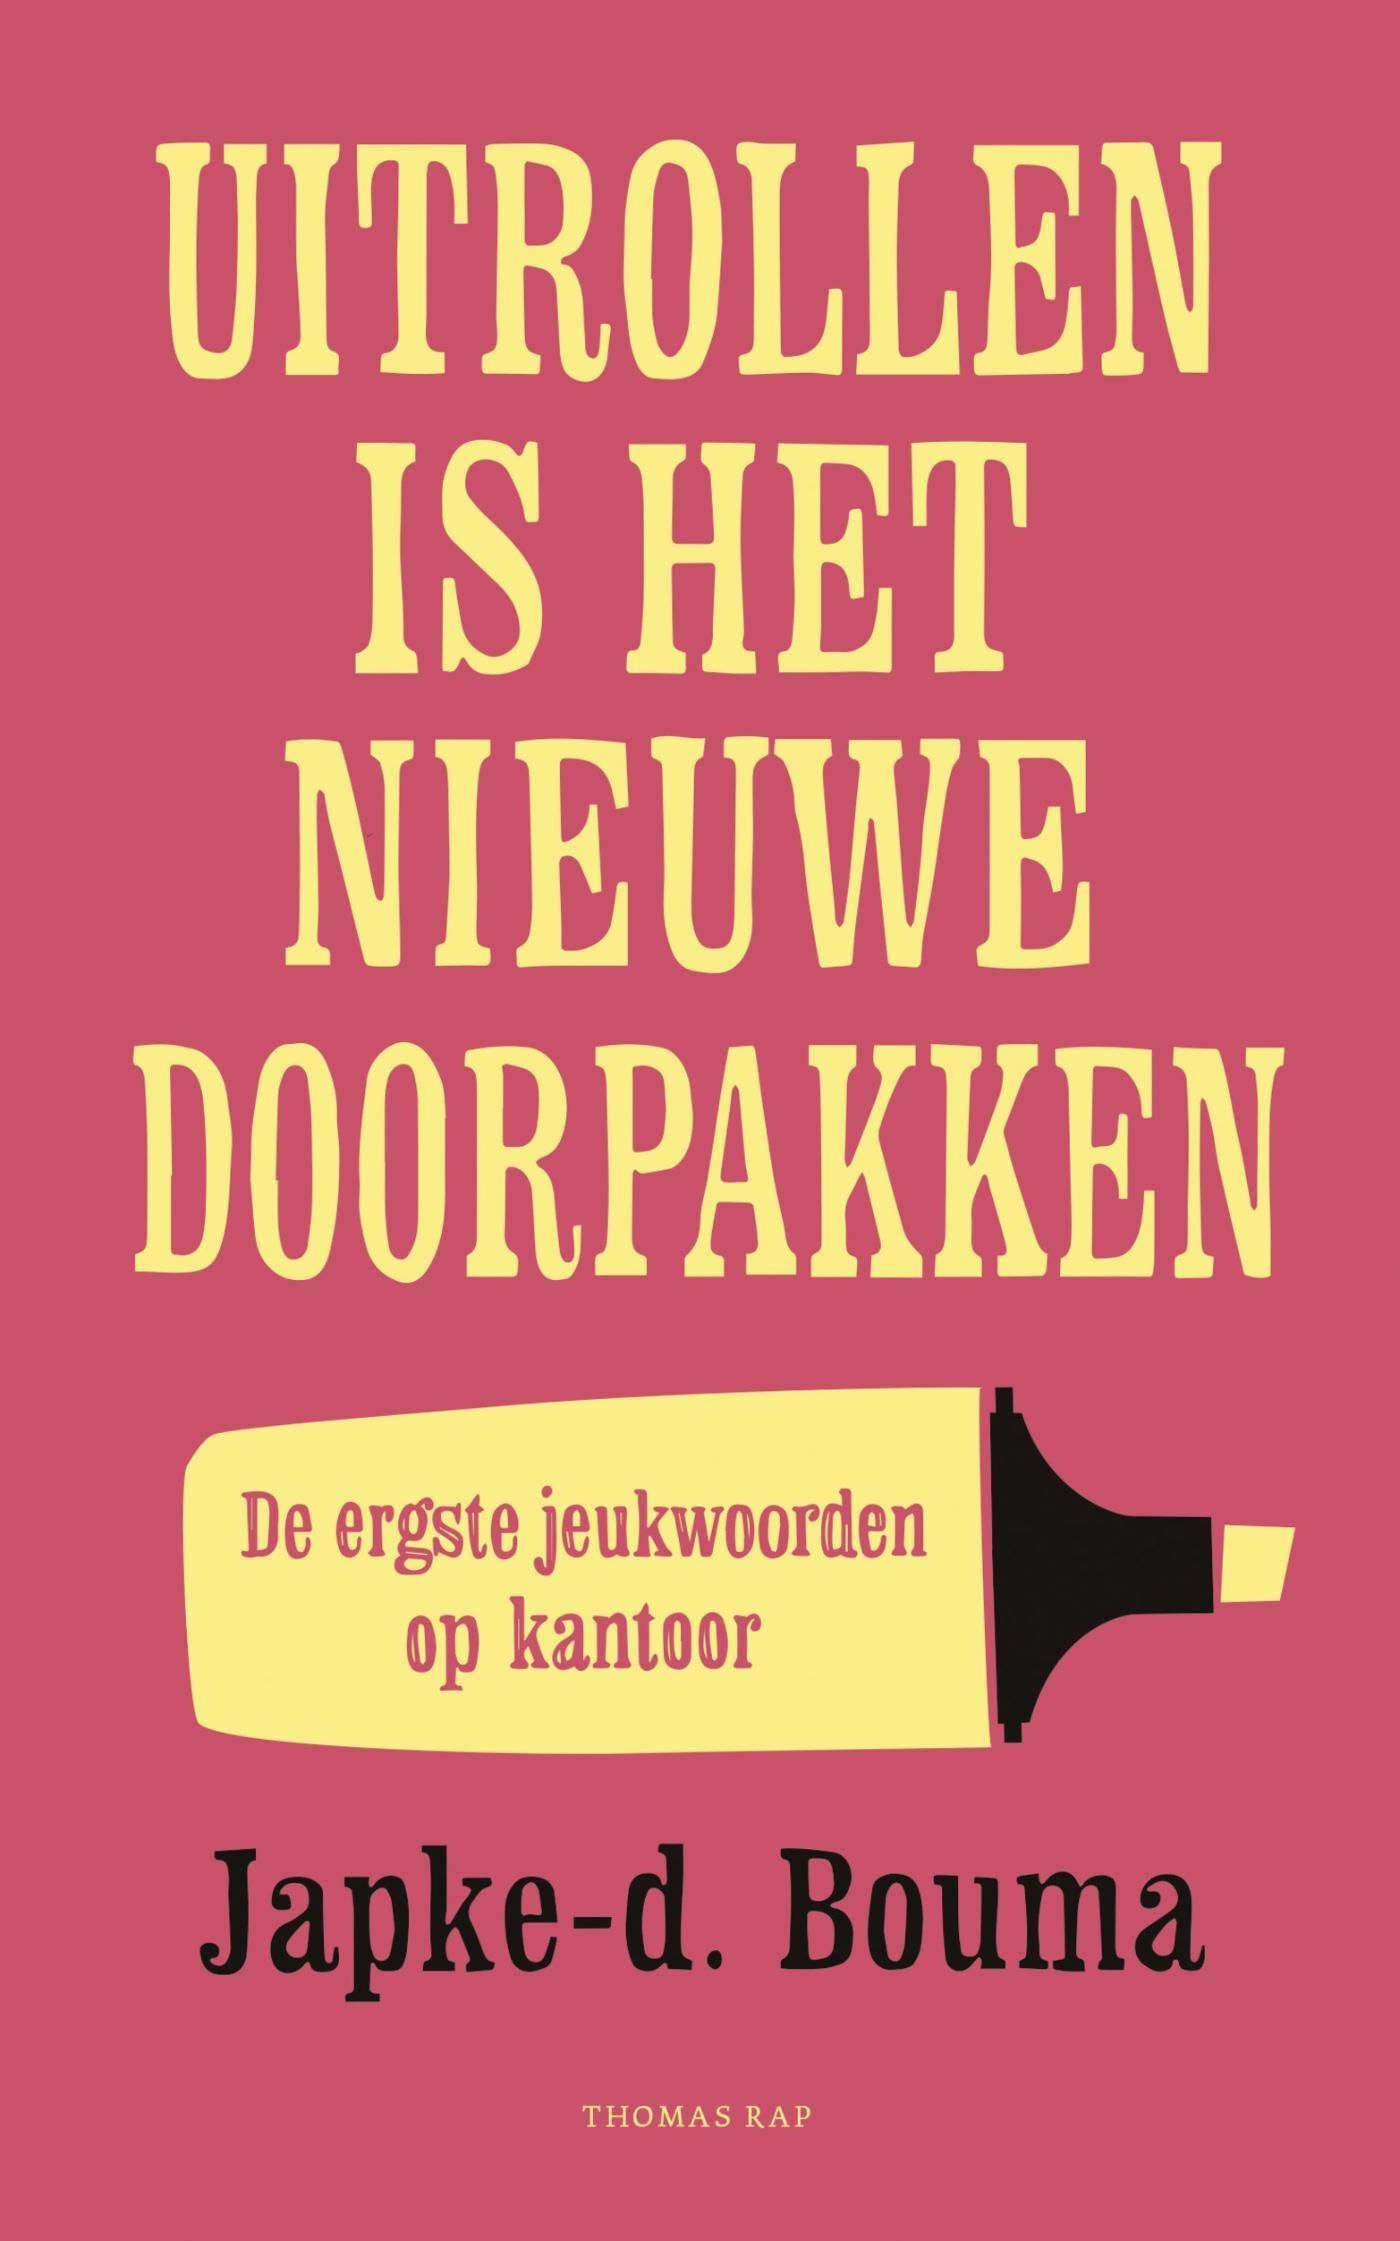 Uitrollen is het nieuwe doorpakken - boekenflits.nl - boekrecensie